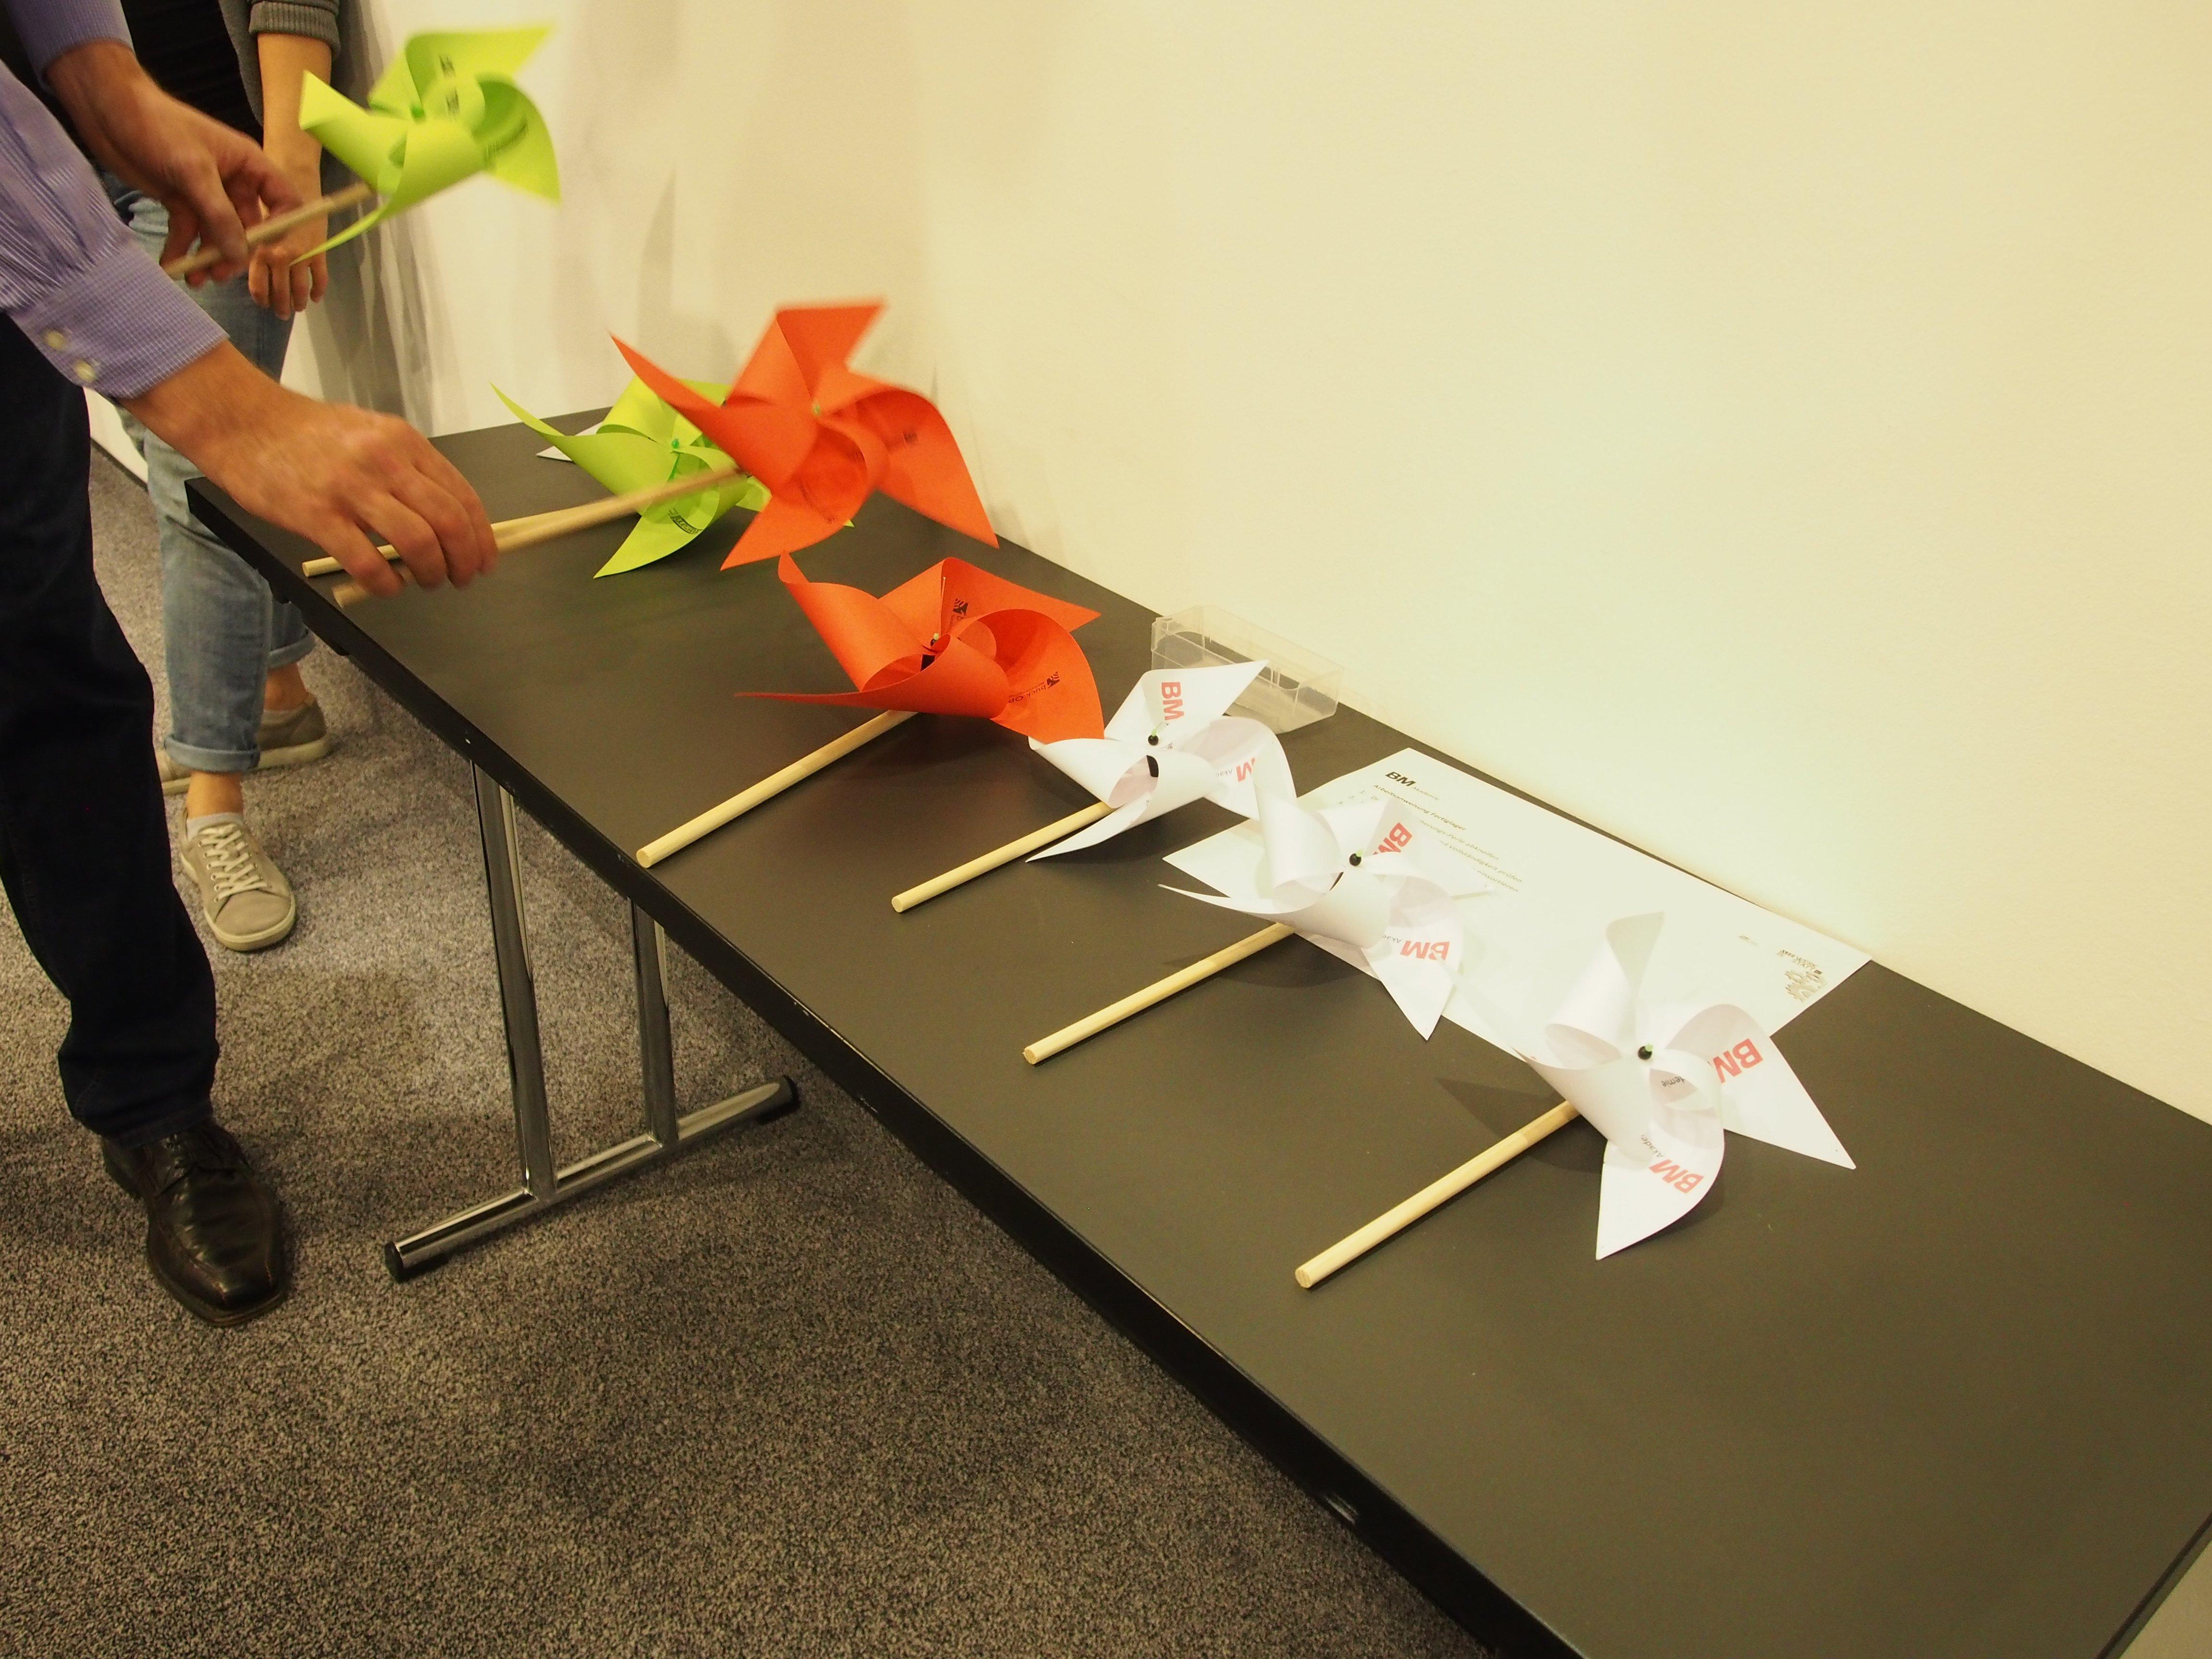 ... kleine Windräder herzustellen. Die einzelnen Arbeitsschritte lassen sich auf jede Tischlerei übertragen.